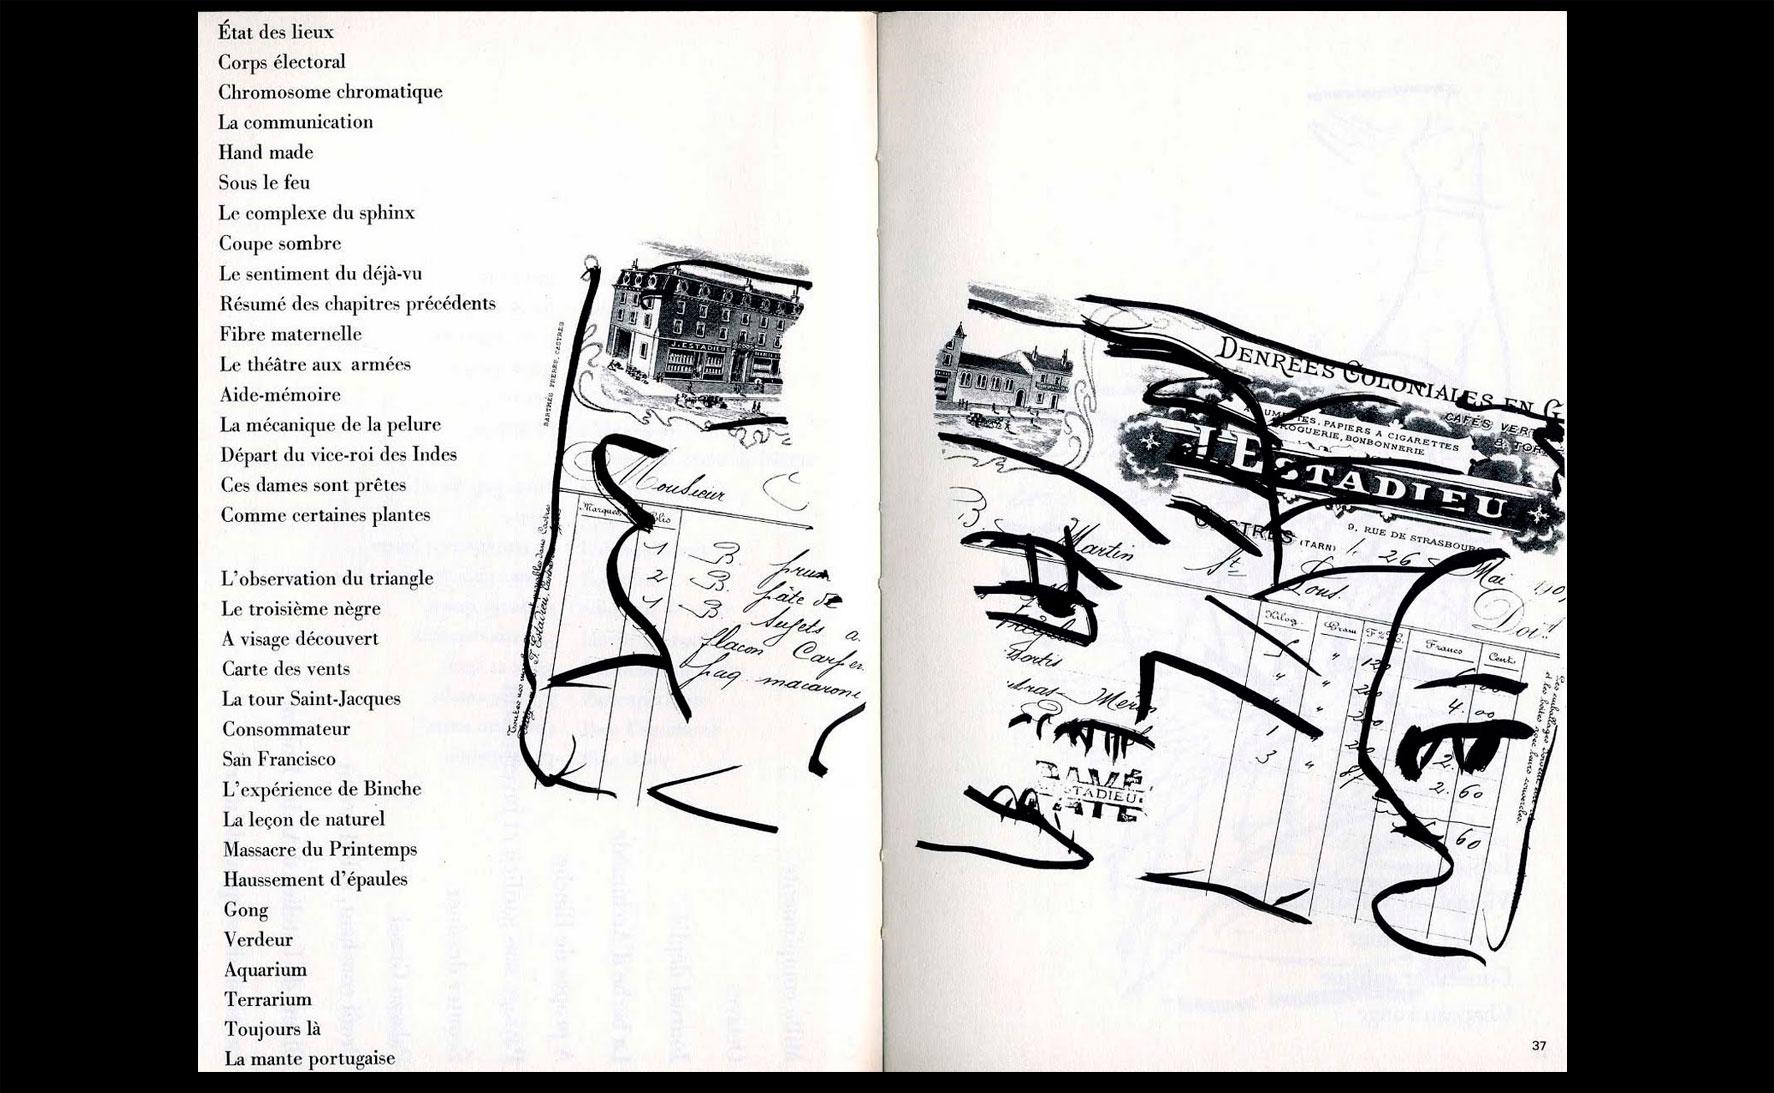 Le-Bureau-des-titres-Pierre-Faucheux-1983-003